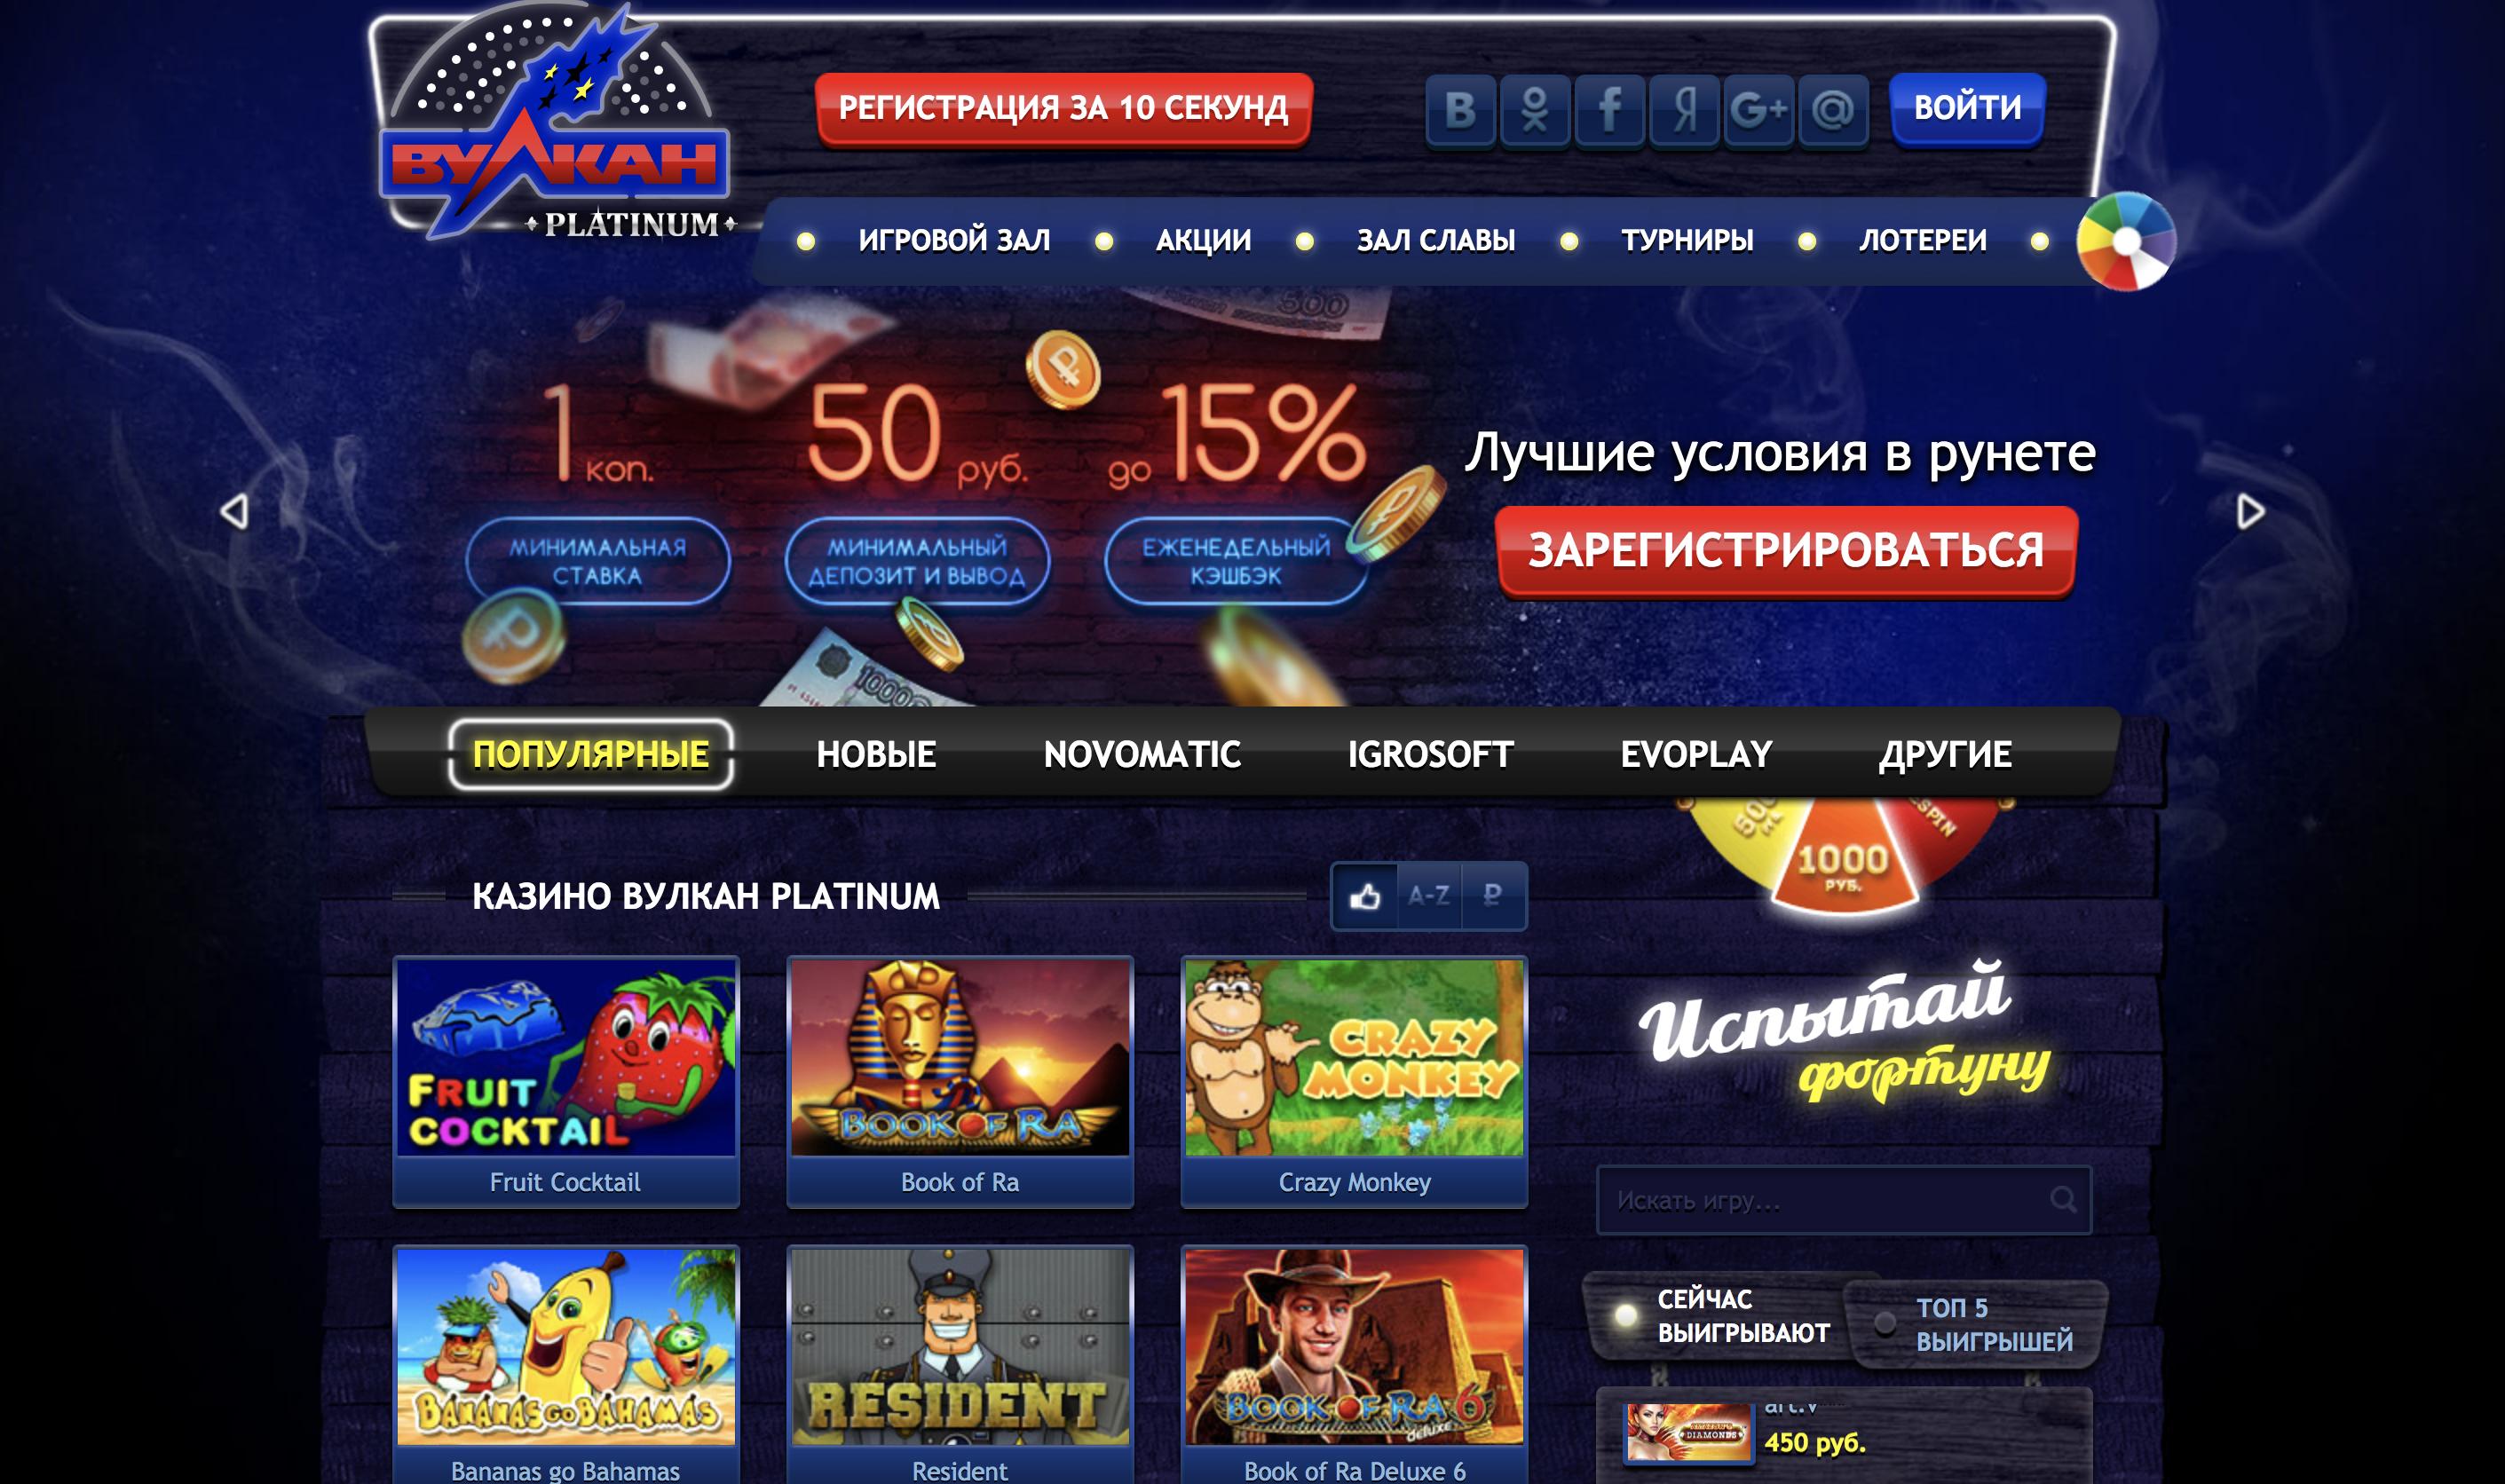 Акции в интернет казино